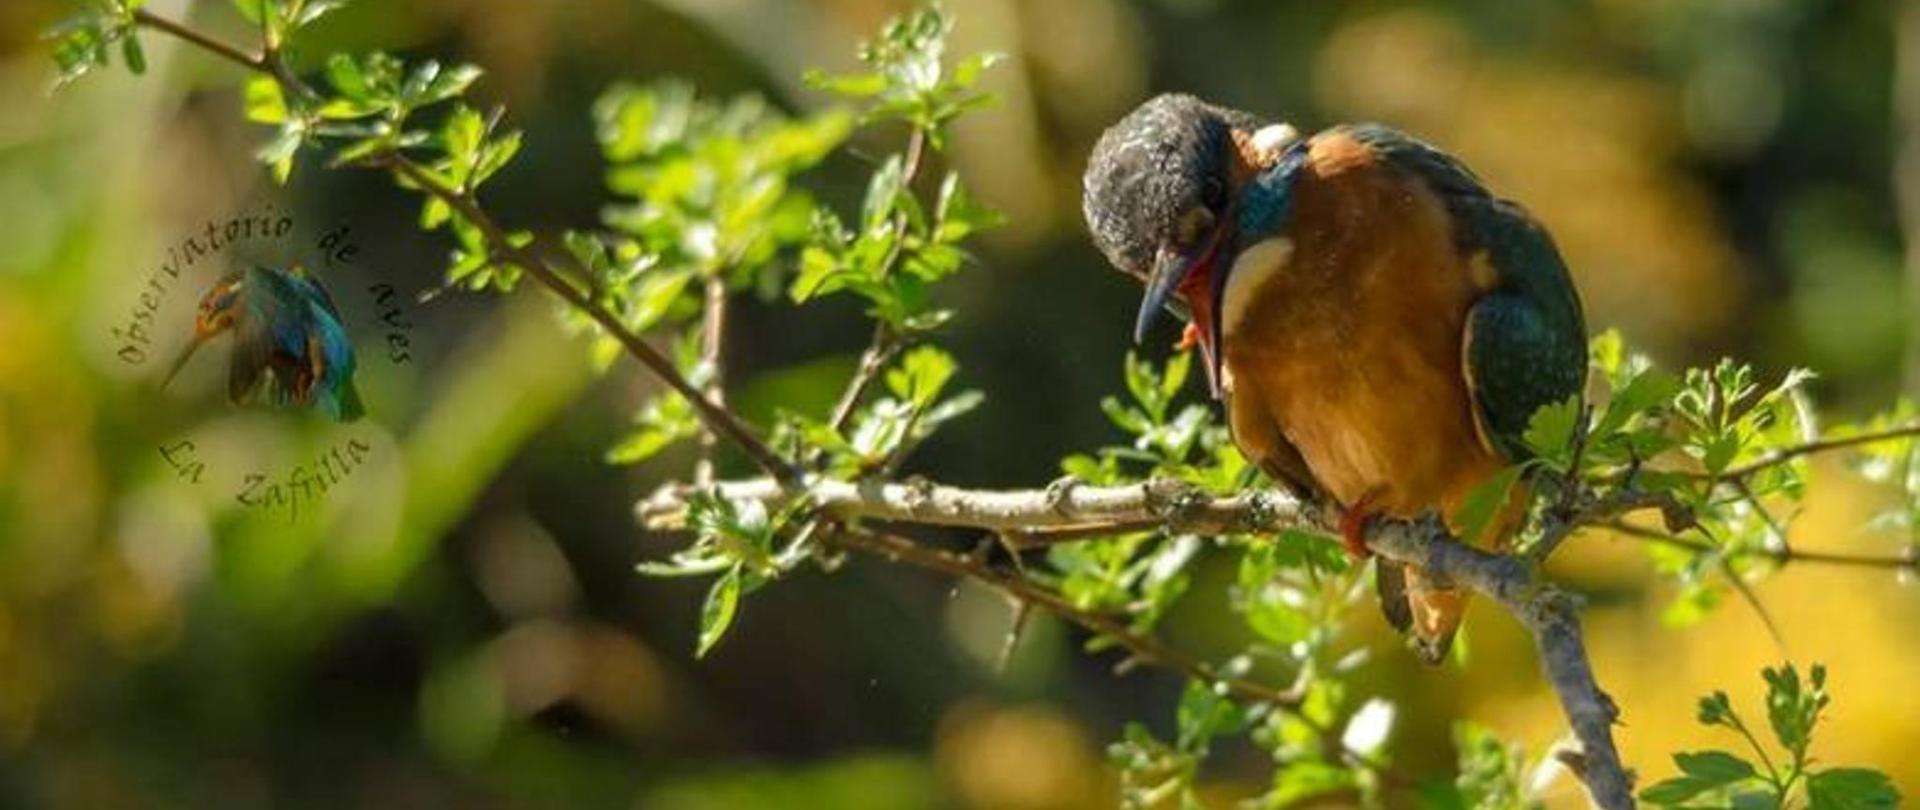 martin.pescador.aposado.rama-birdwatching-casarurallazafrilla-jerezdeloscaballeros.jpg